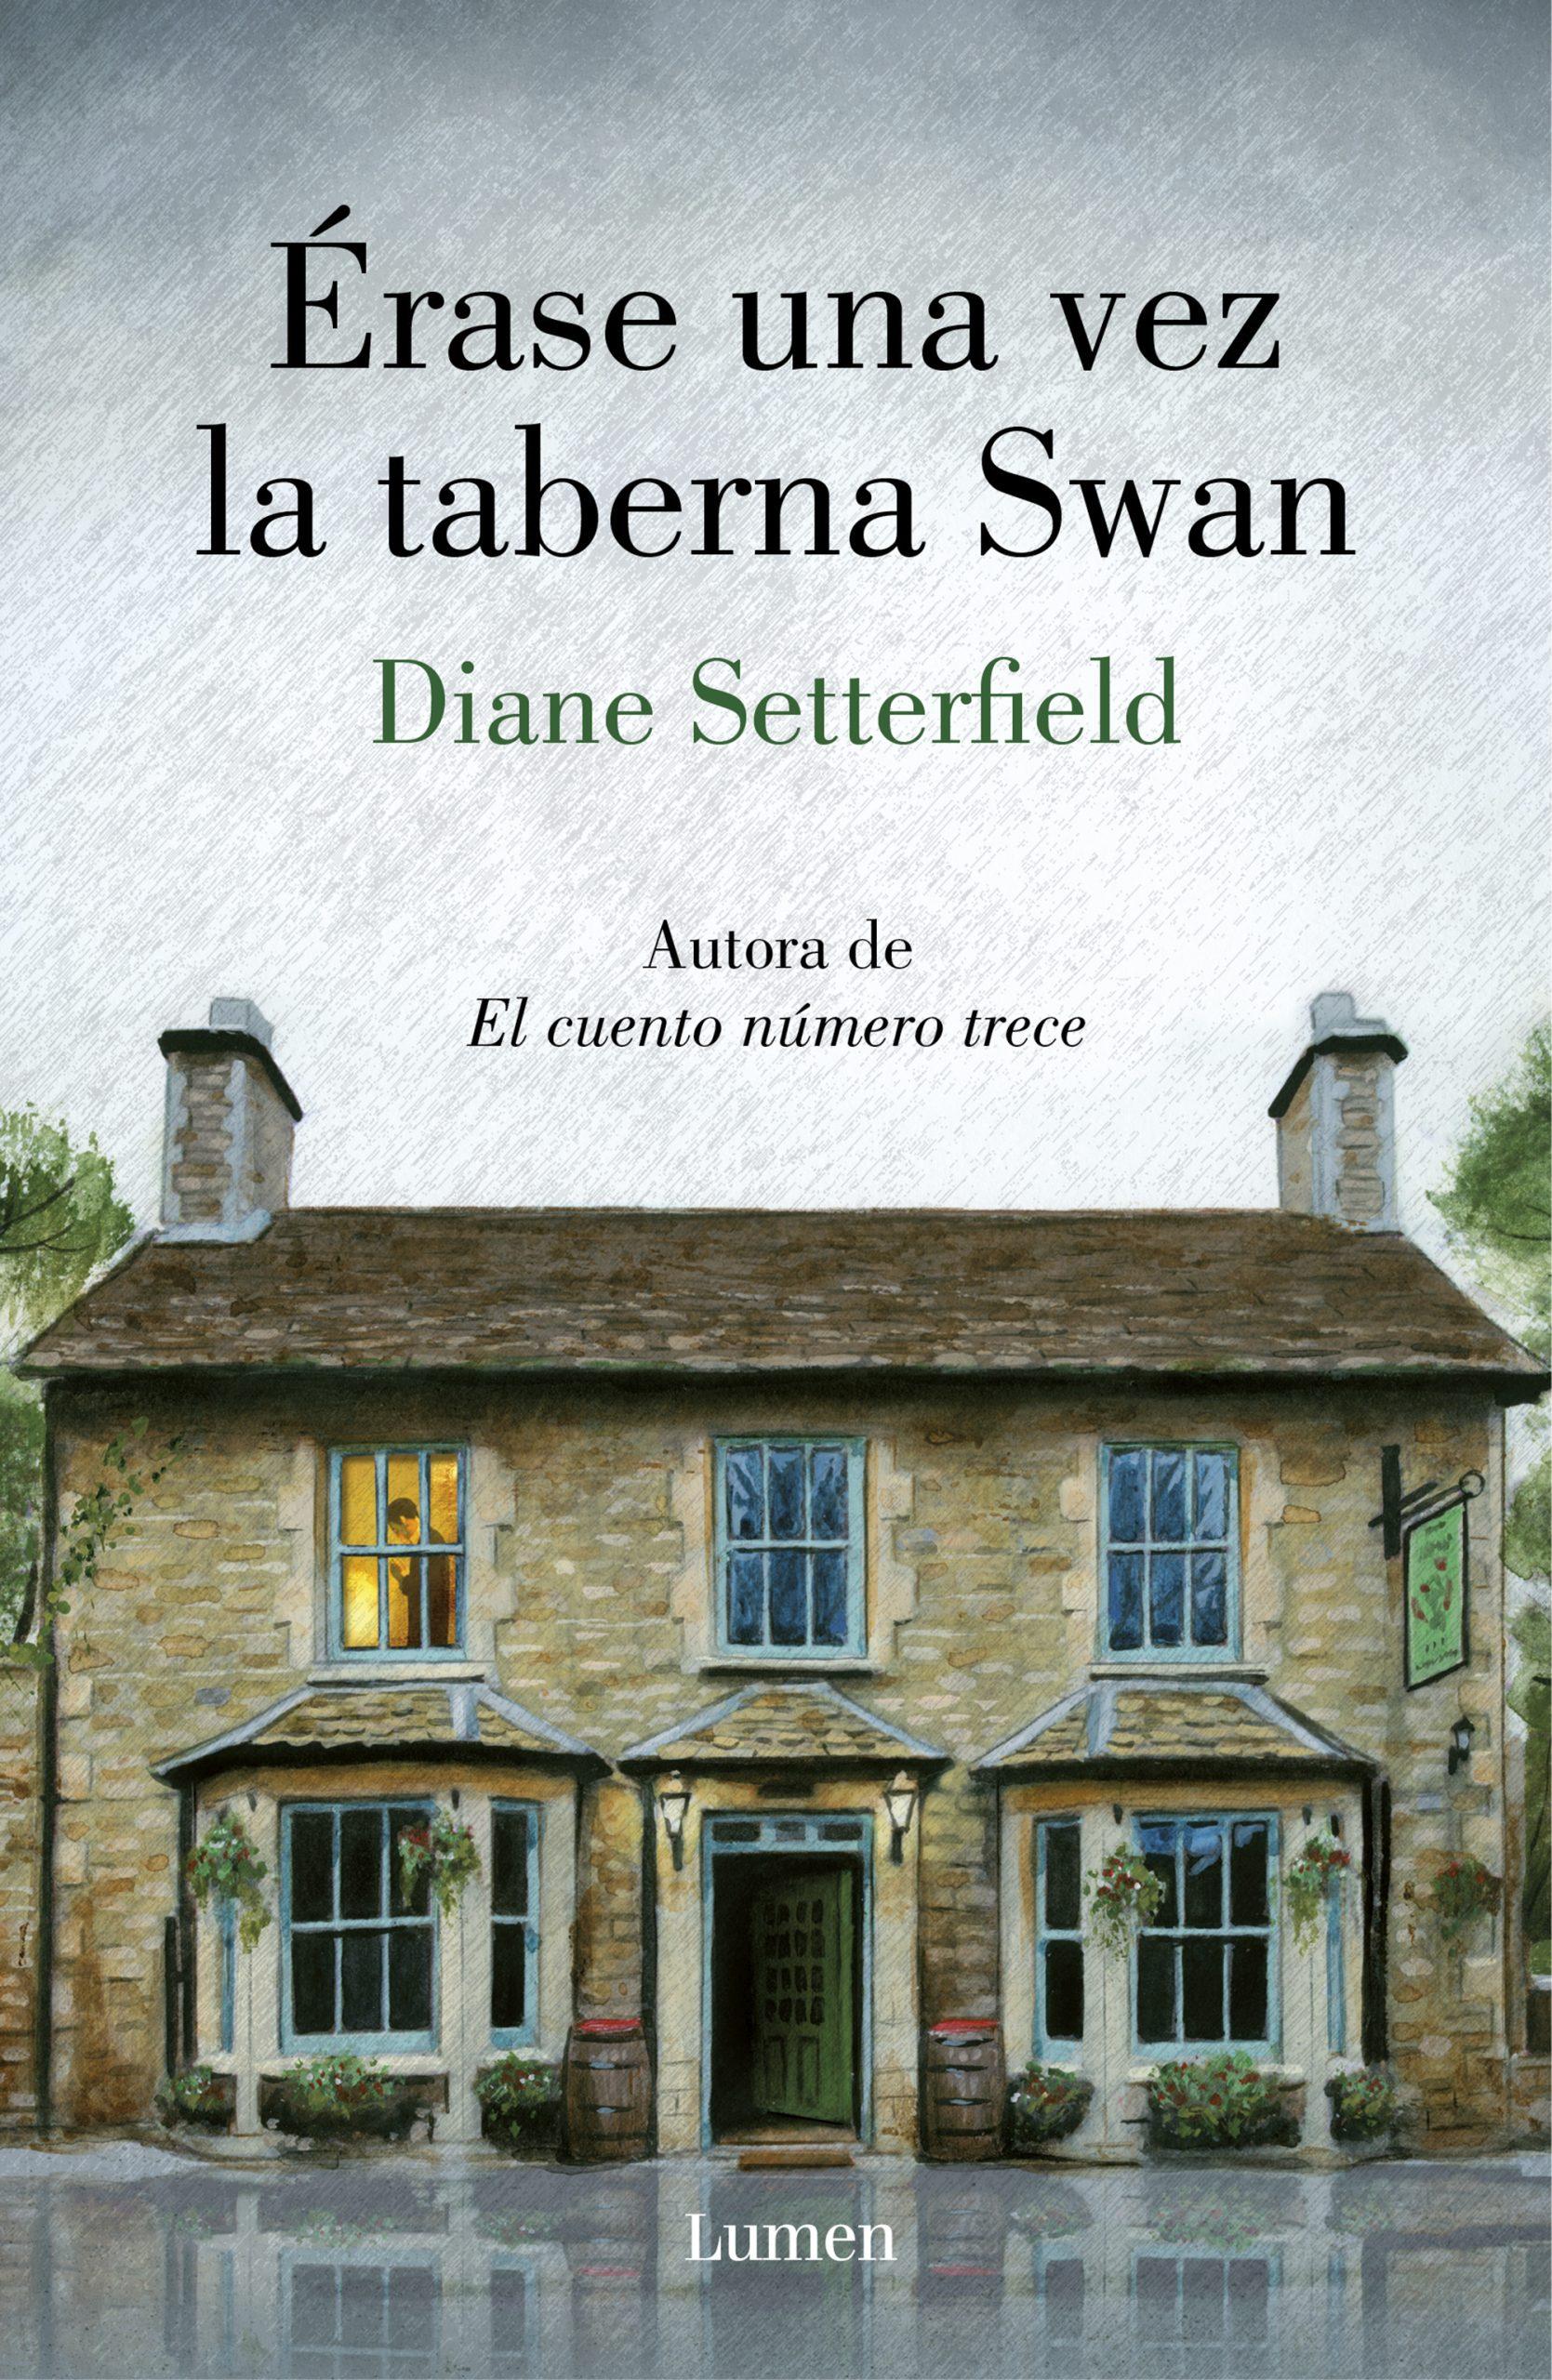 Érase una vez en la taberna Swan Book Cover